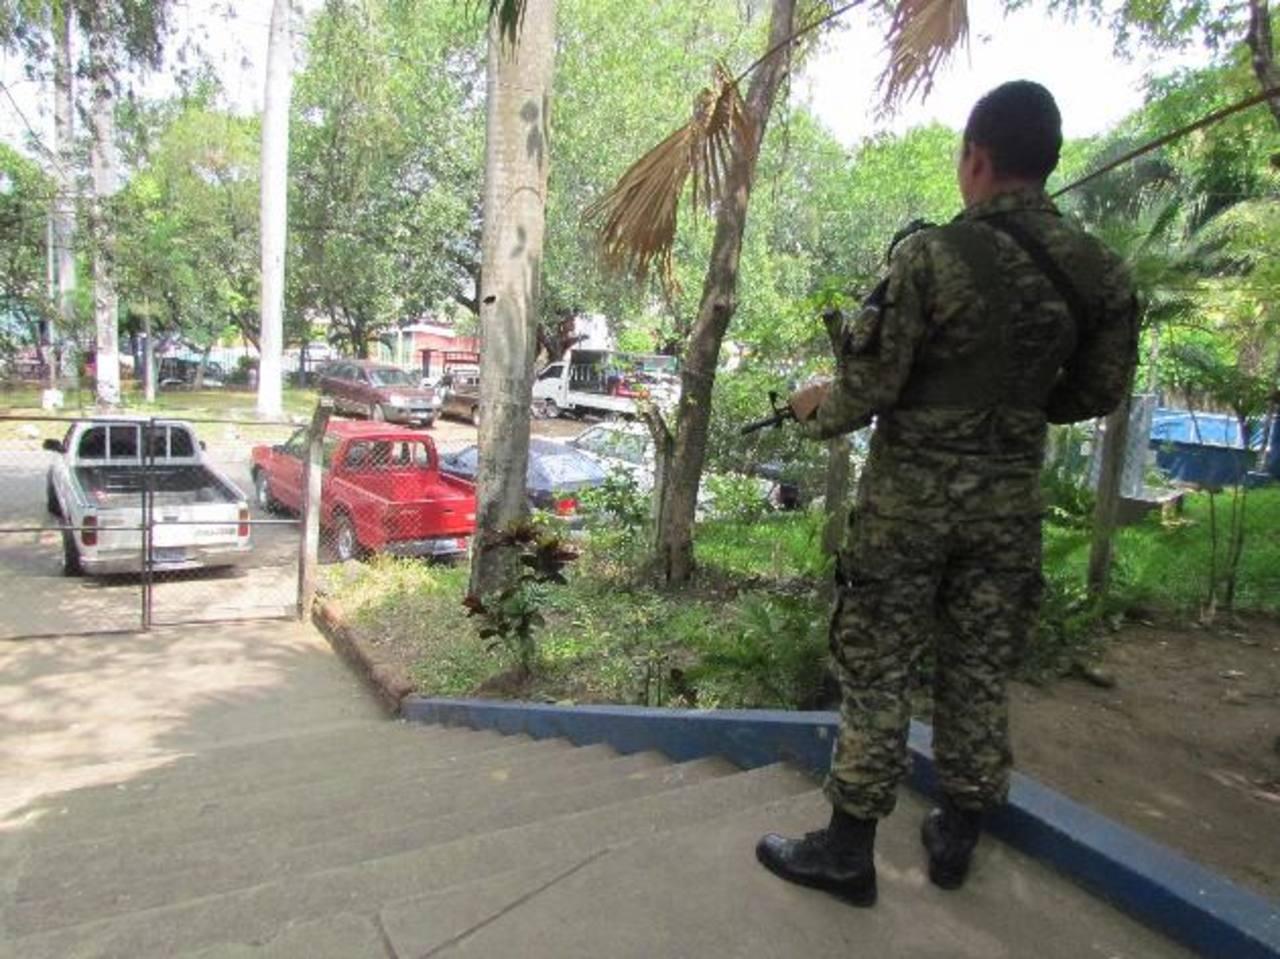 La idea es evitar que los jóvenes se involucren en grupos delincuenciales. Foto EDH / Mauricio Guevara